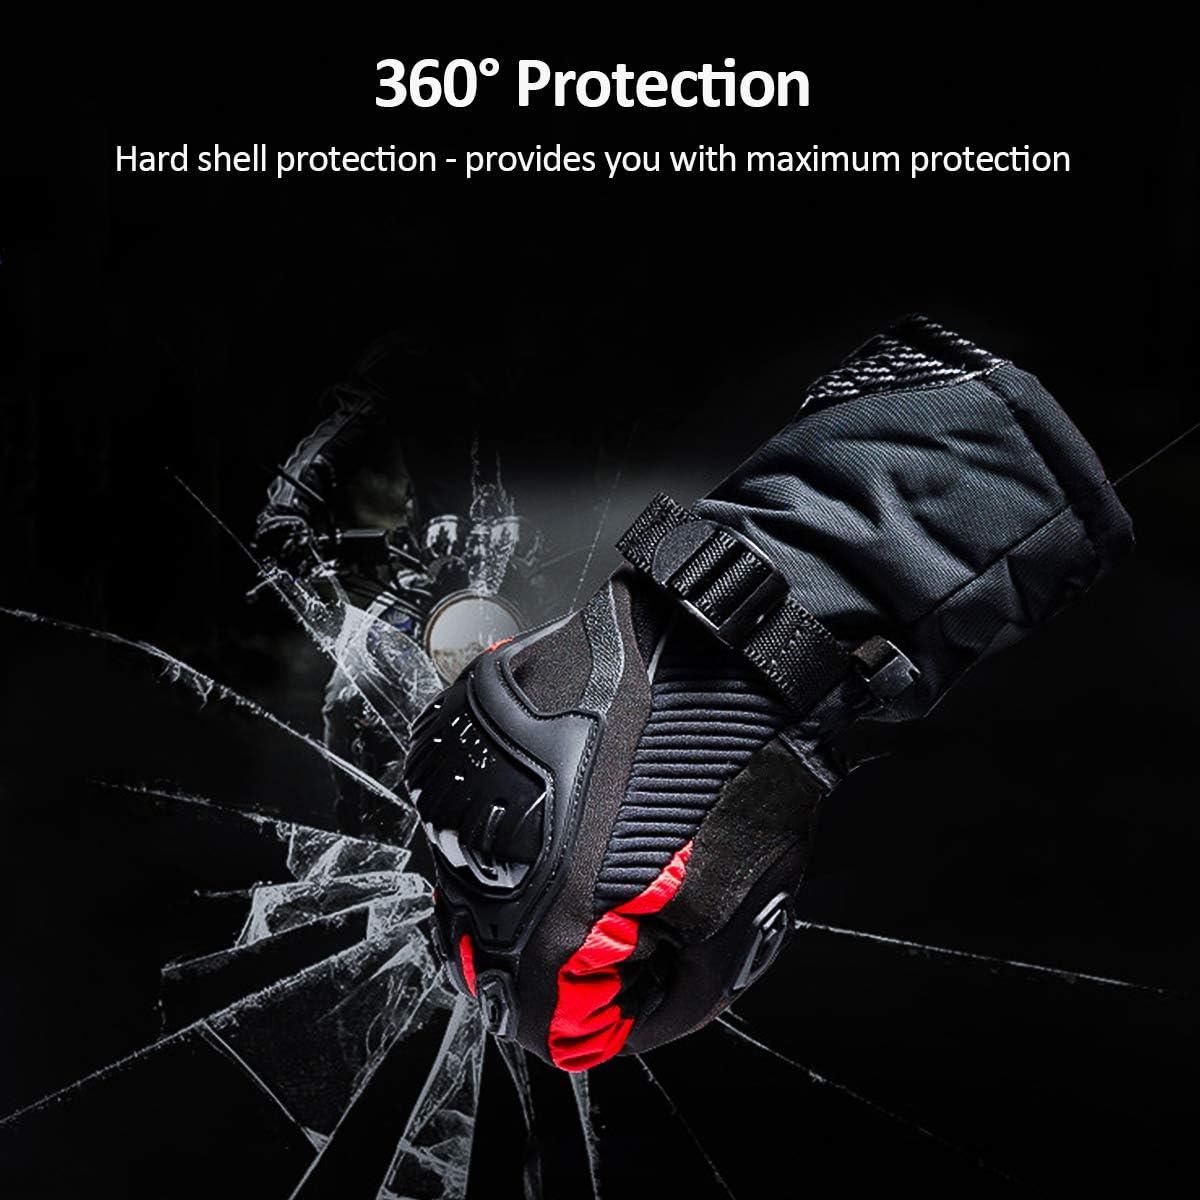 Imperm/éable Multi-Renforts et Protections R/ésistant au Froid pour Unisexe Homme Femme Manche Long Coupe-Vent Homologu/é CE XL TRILINK Gants Moto Hiver